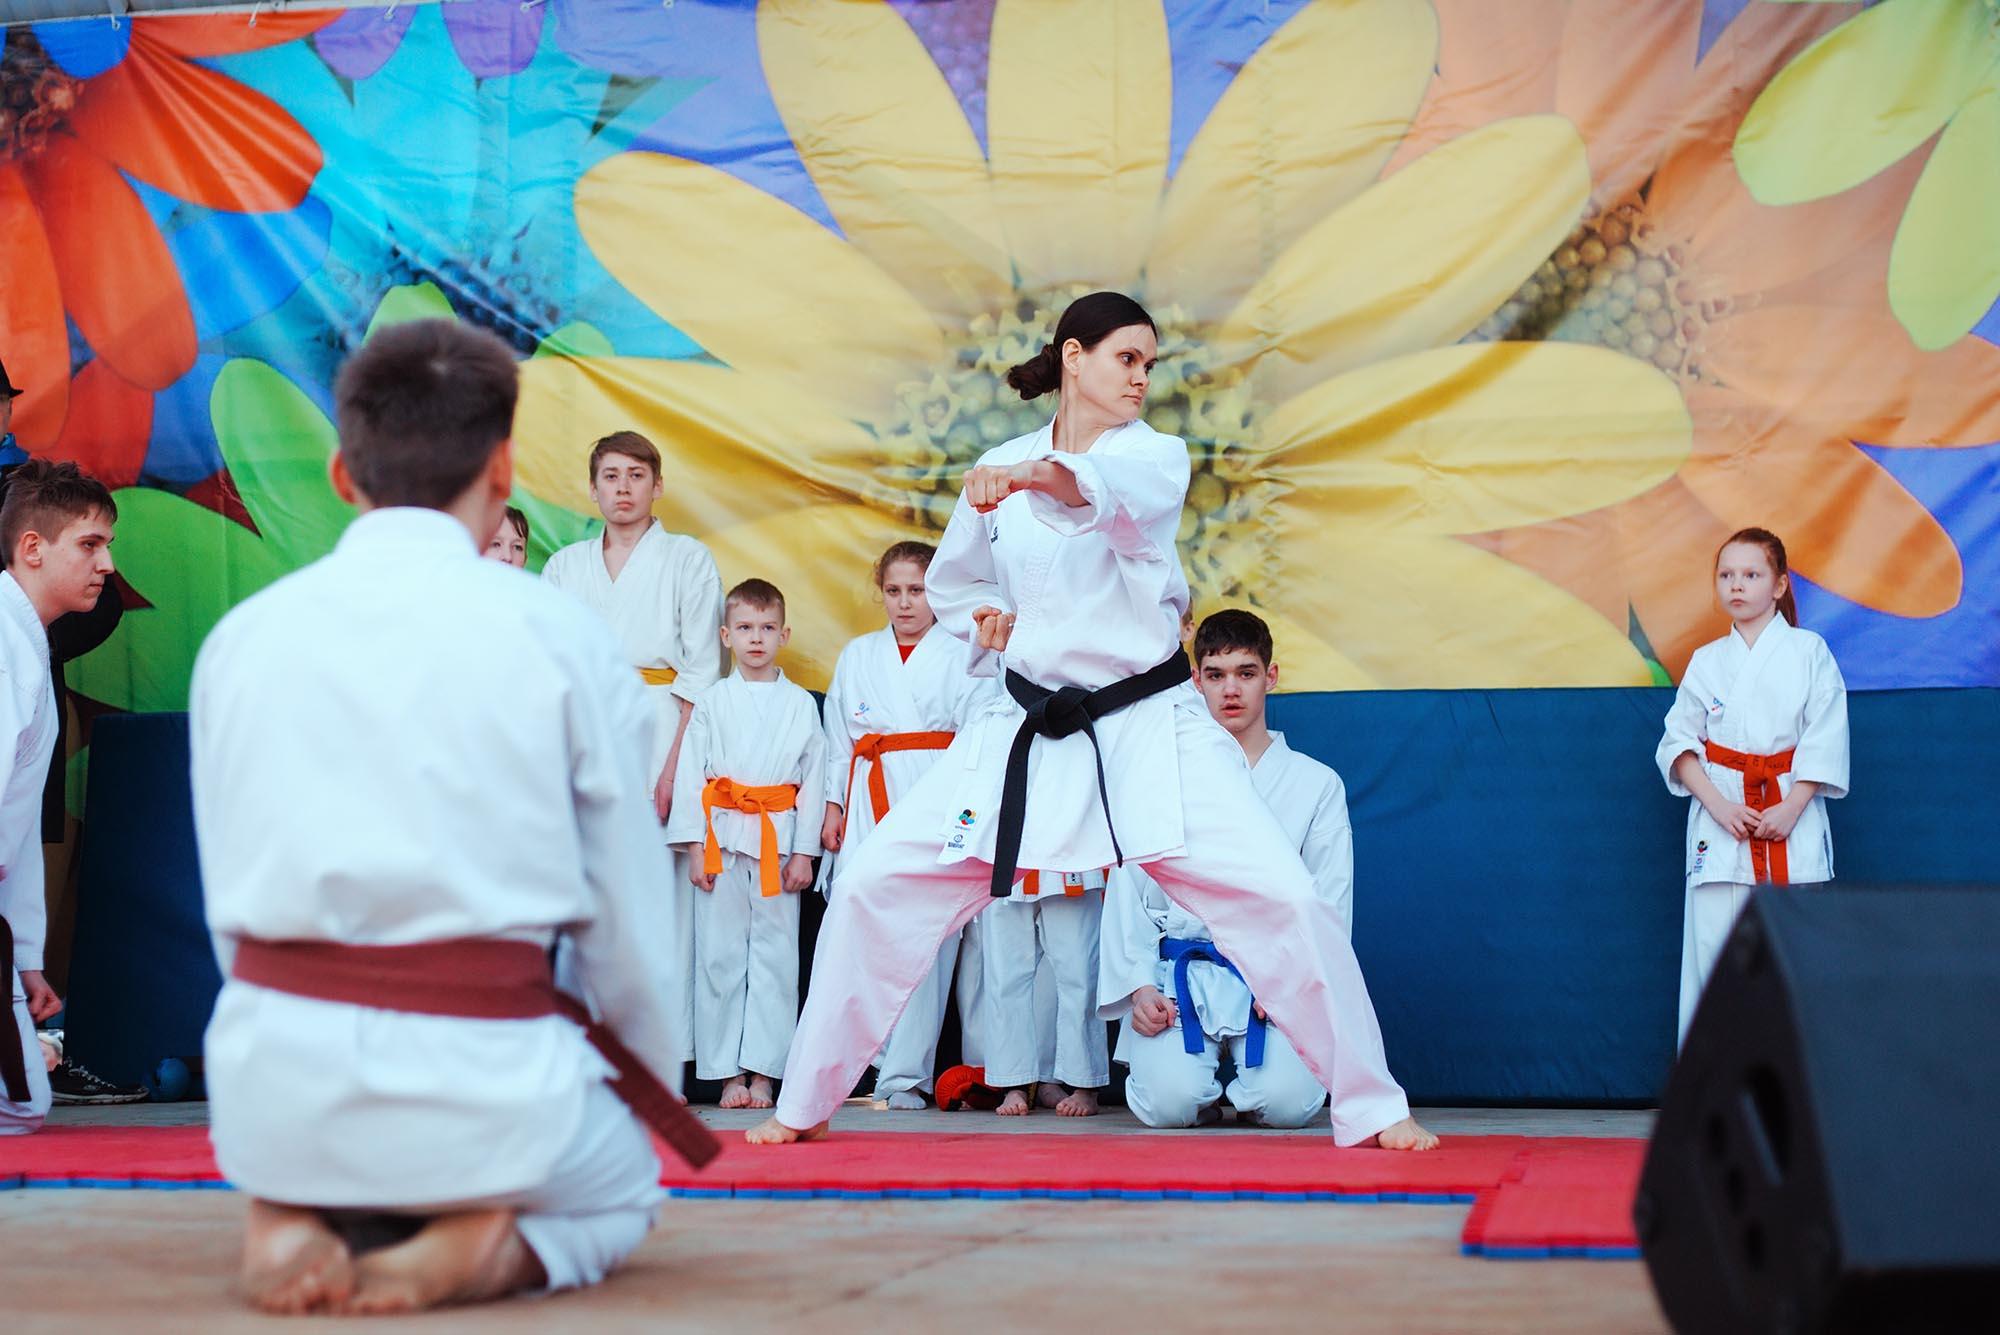 События  Японское телевидение, fire-шоу, суши-самурай: 8 марта в «Трех океанах»